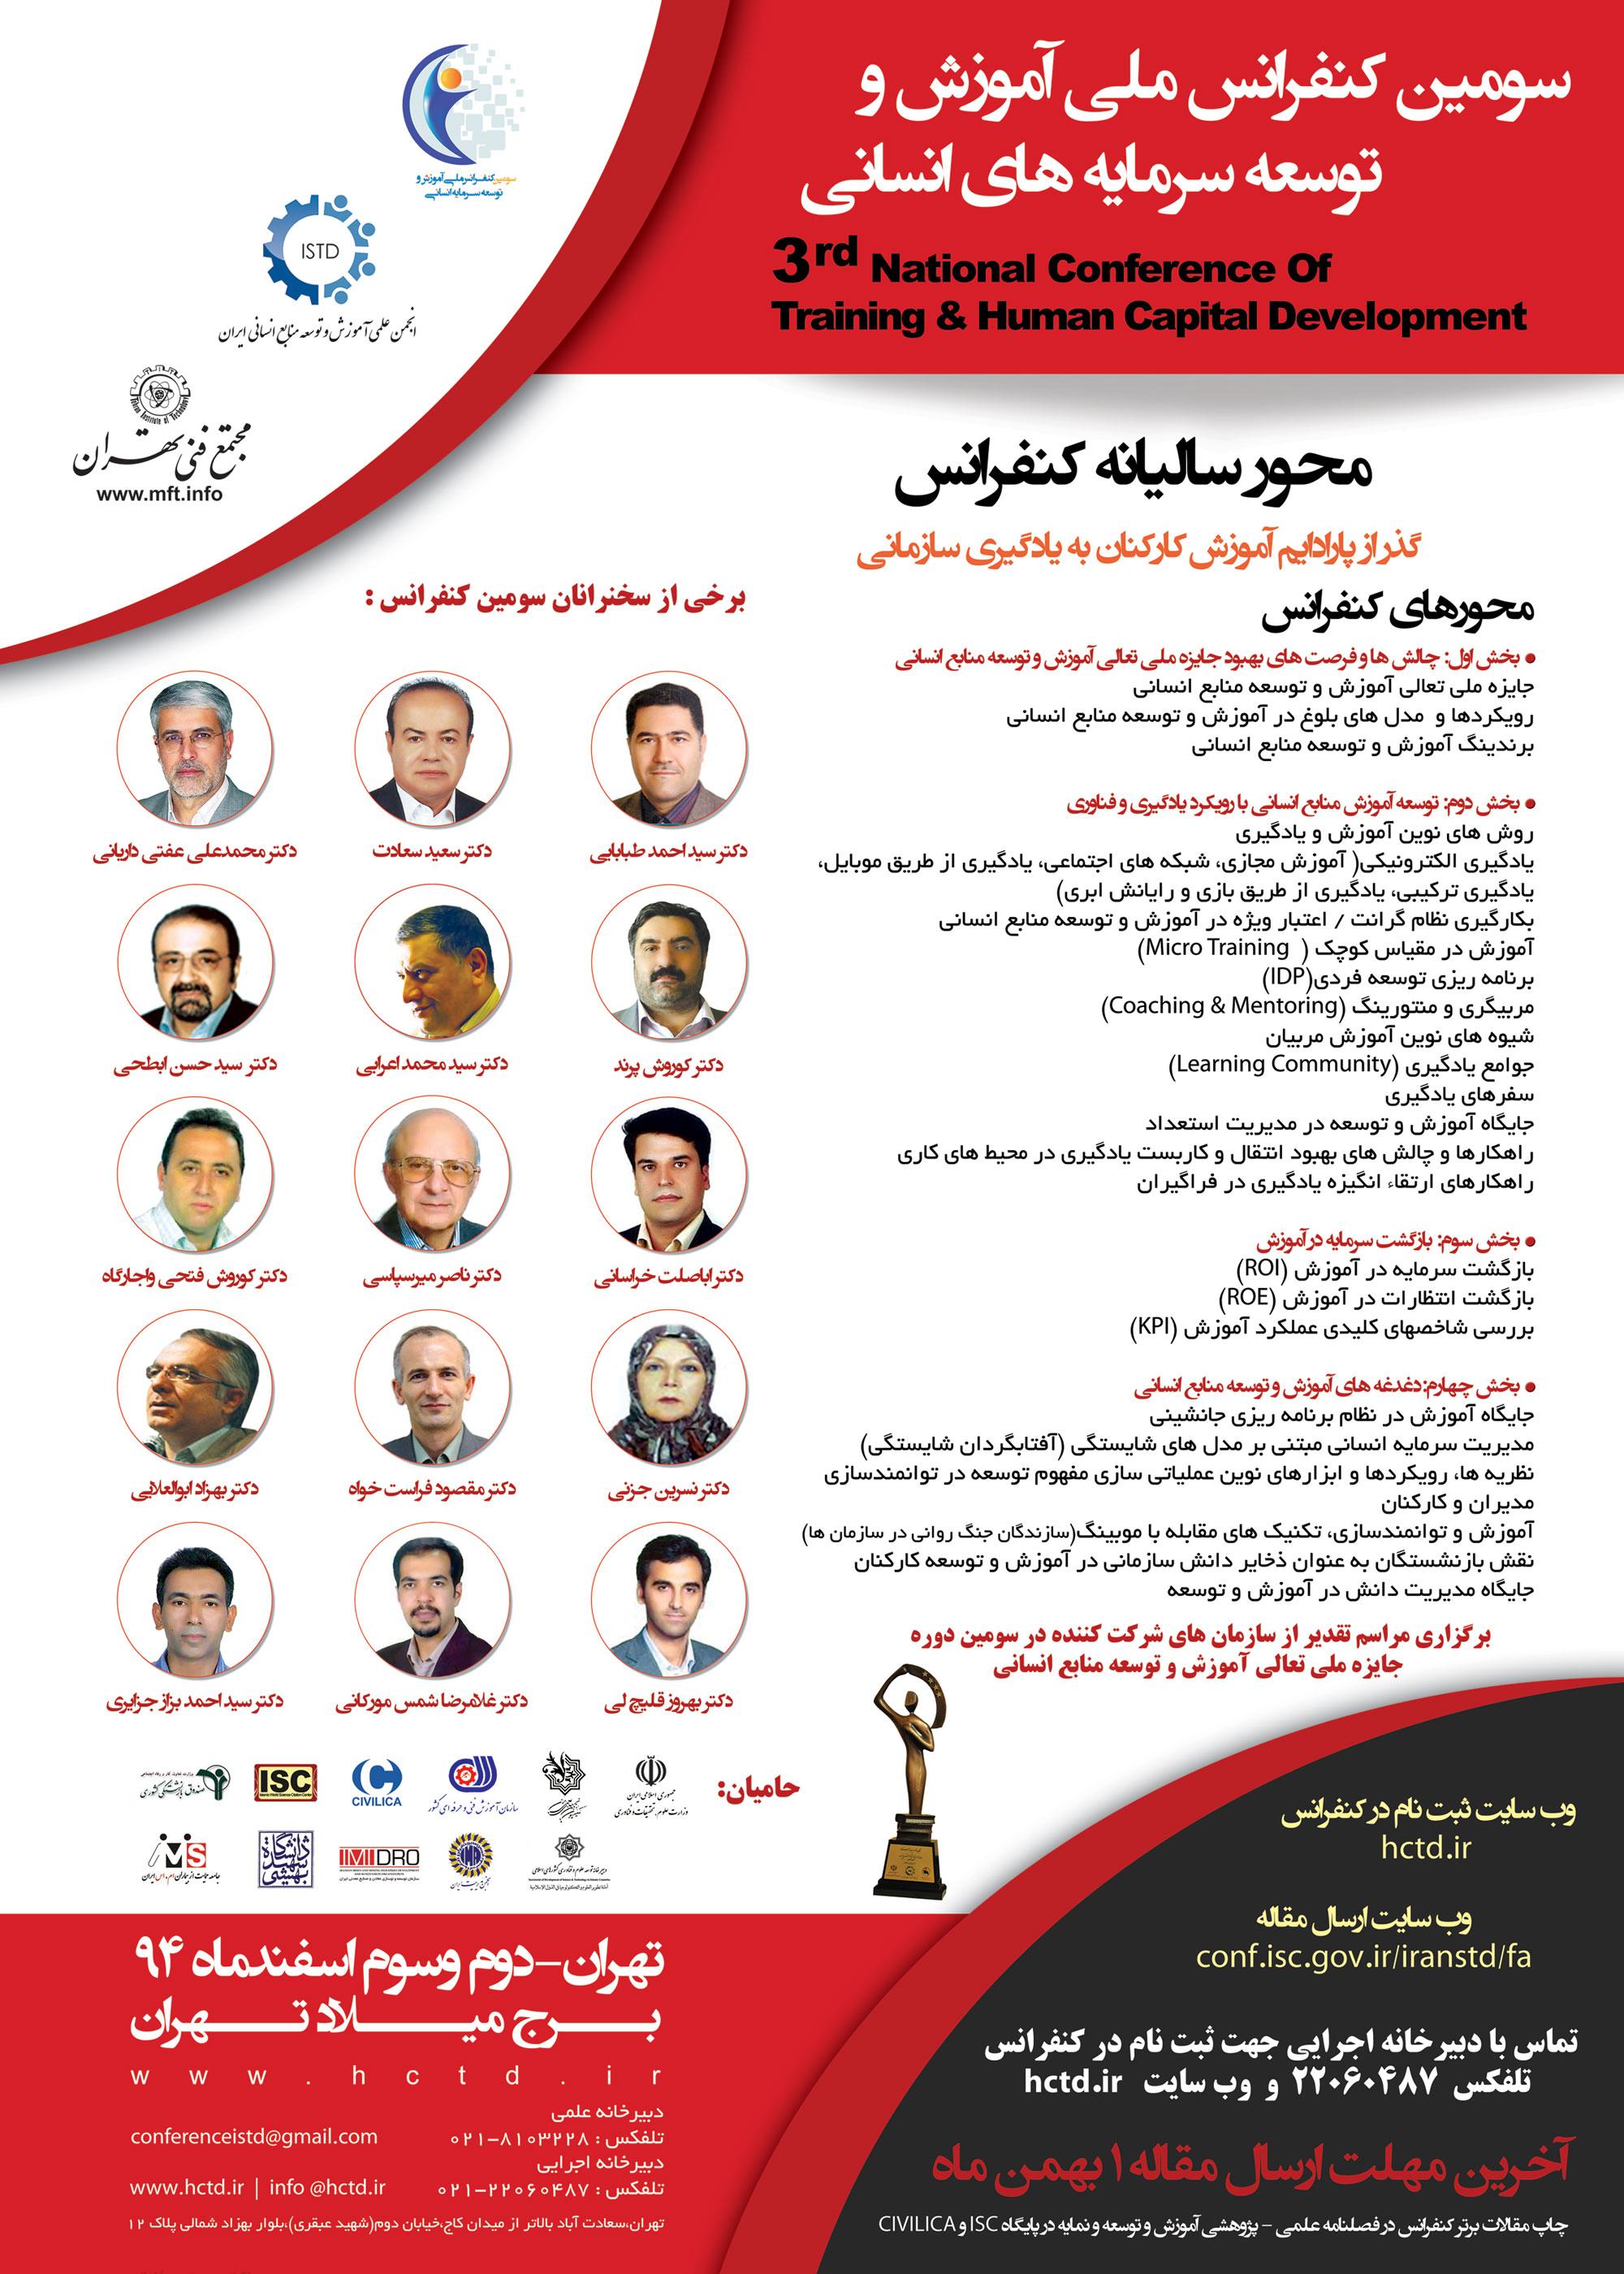 سومین کنفرانس ملی آموزش و توسعه سرمایه انسانی